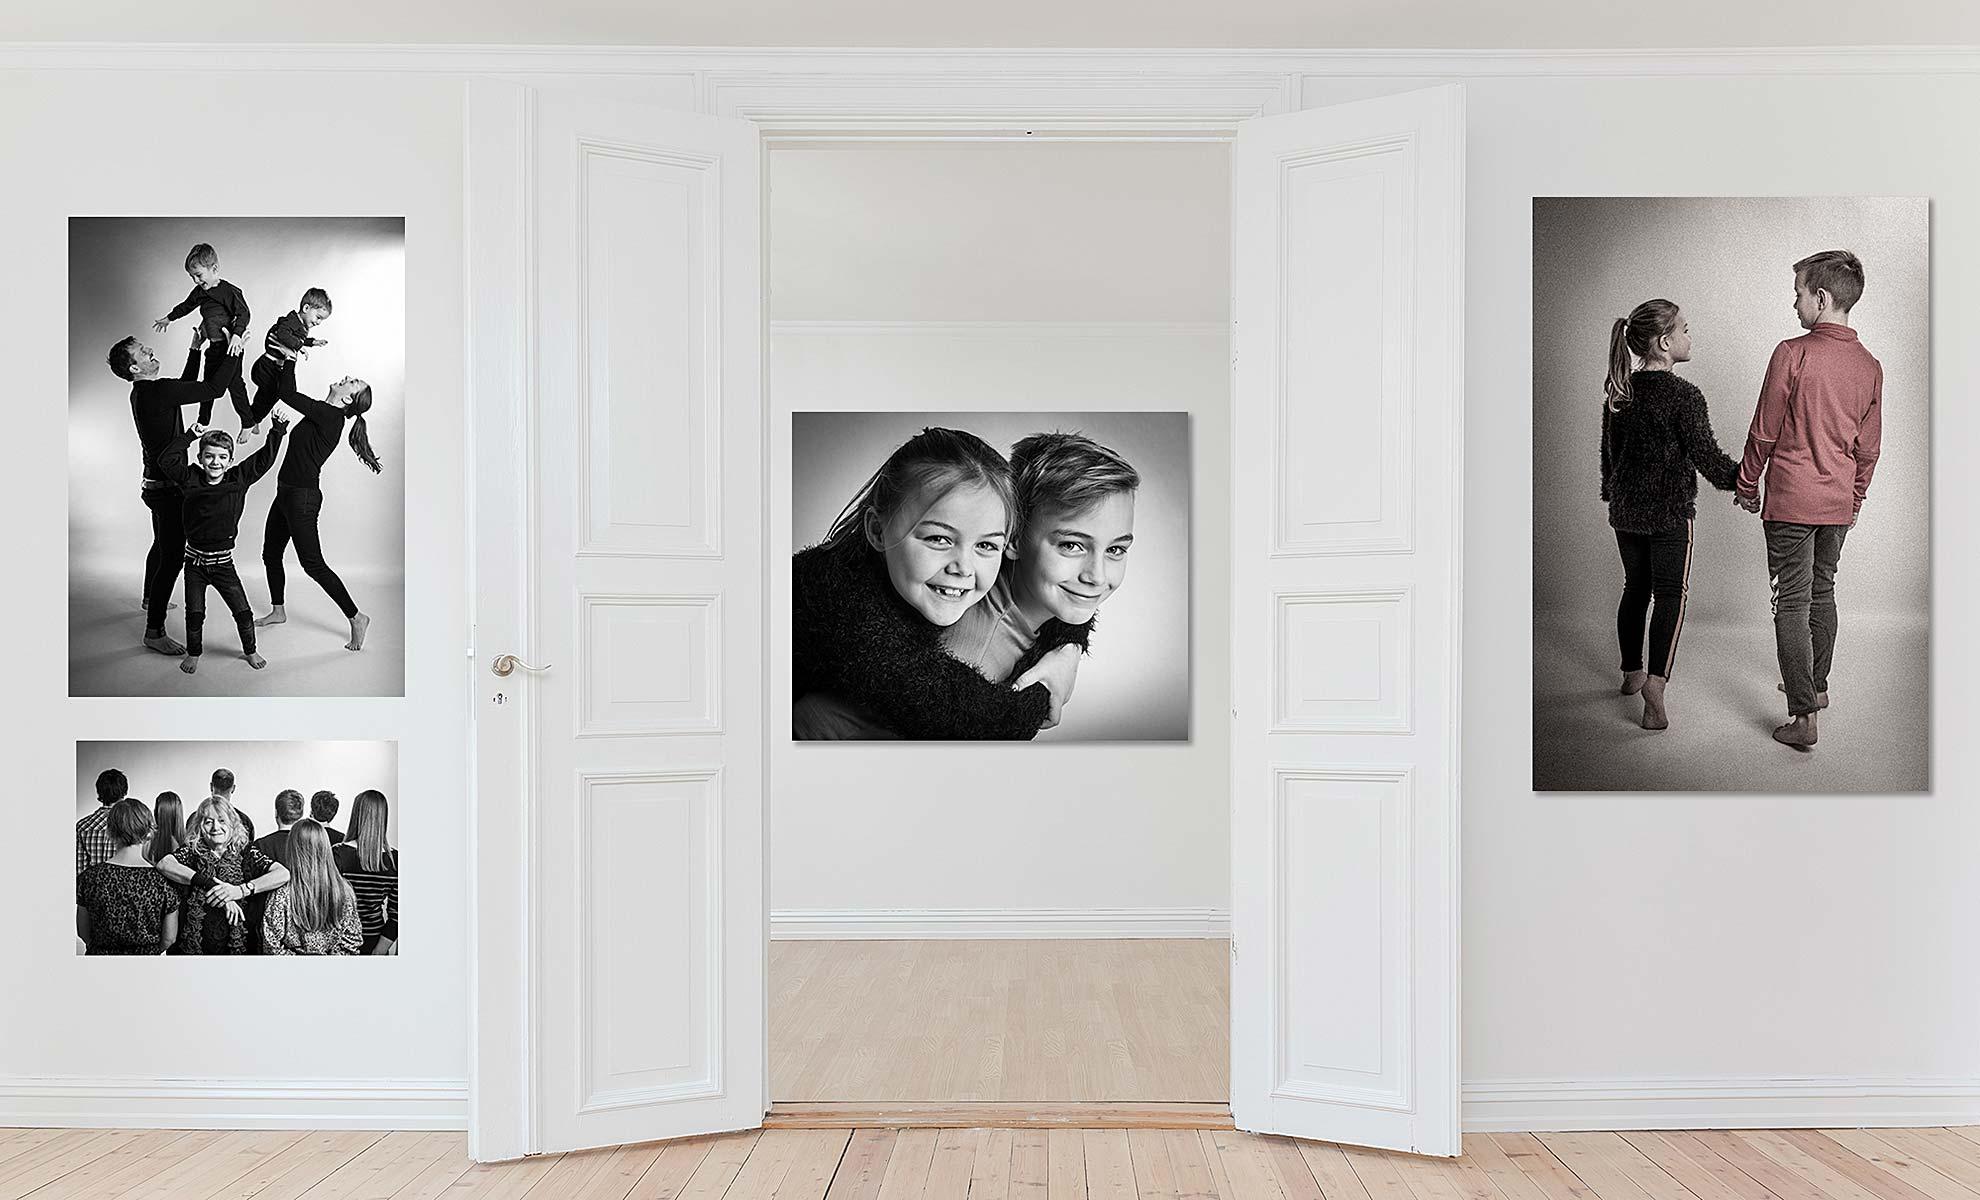 Fotografens flotte familie-billeder i eget hjem gør din bolig skøn, varm og personlig.